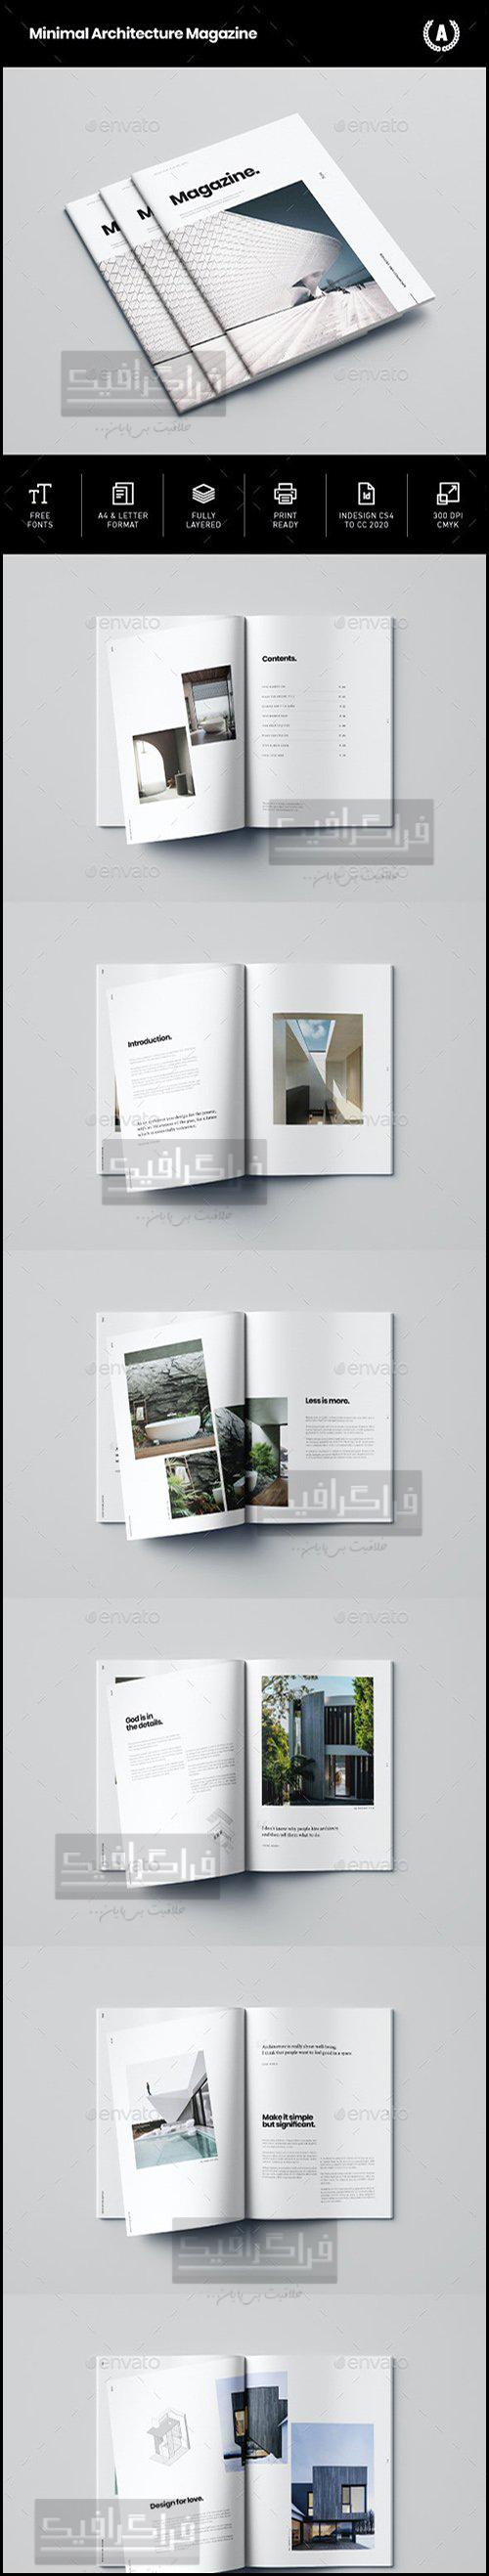 دانلود فایل لایه باز ایندیزاین بروشور معماری مینیمال